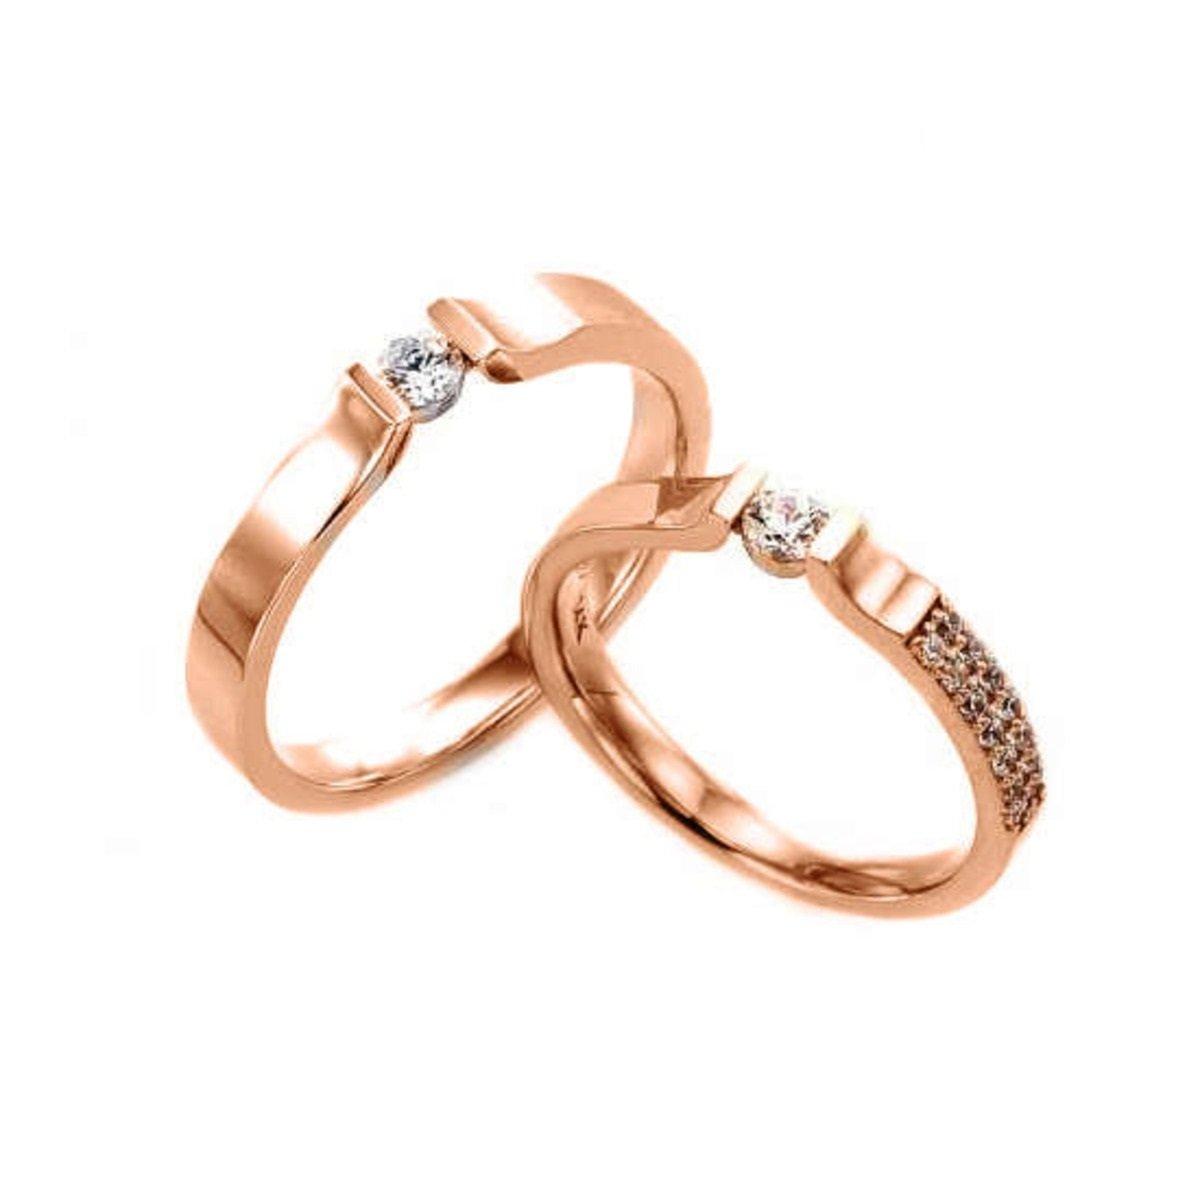 14K 簡約鑲石情侶戒指 (男款)